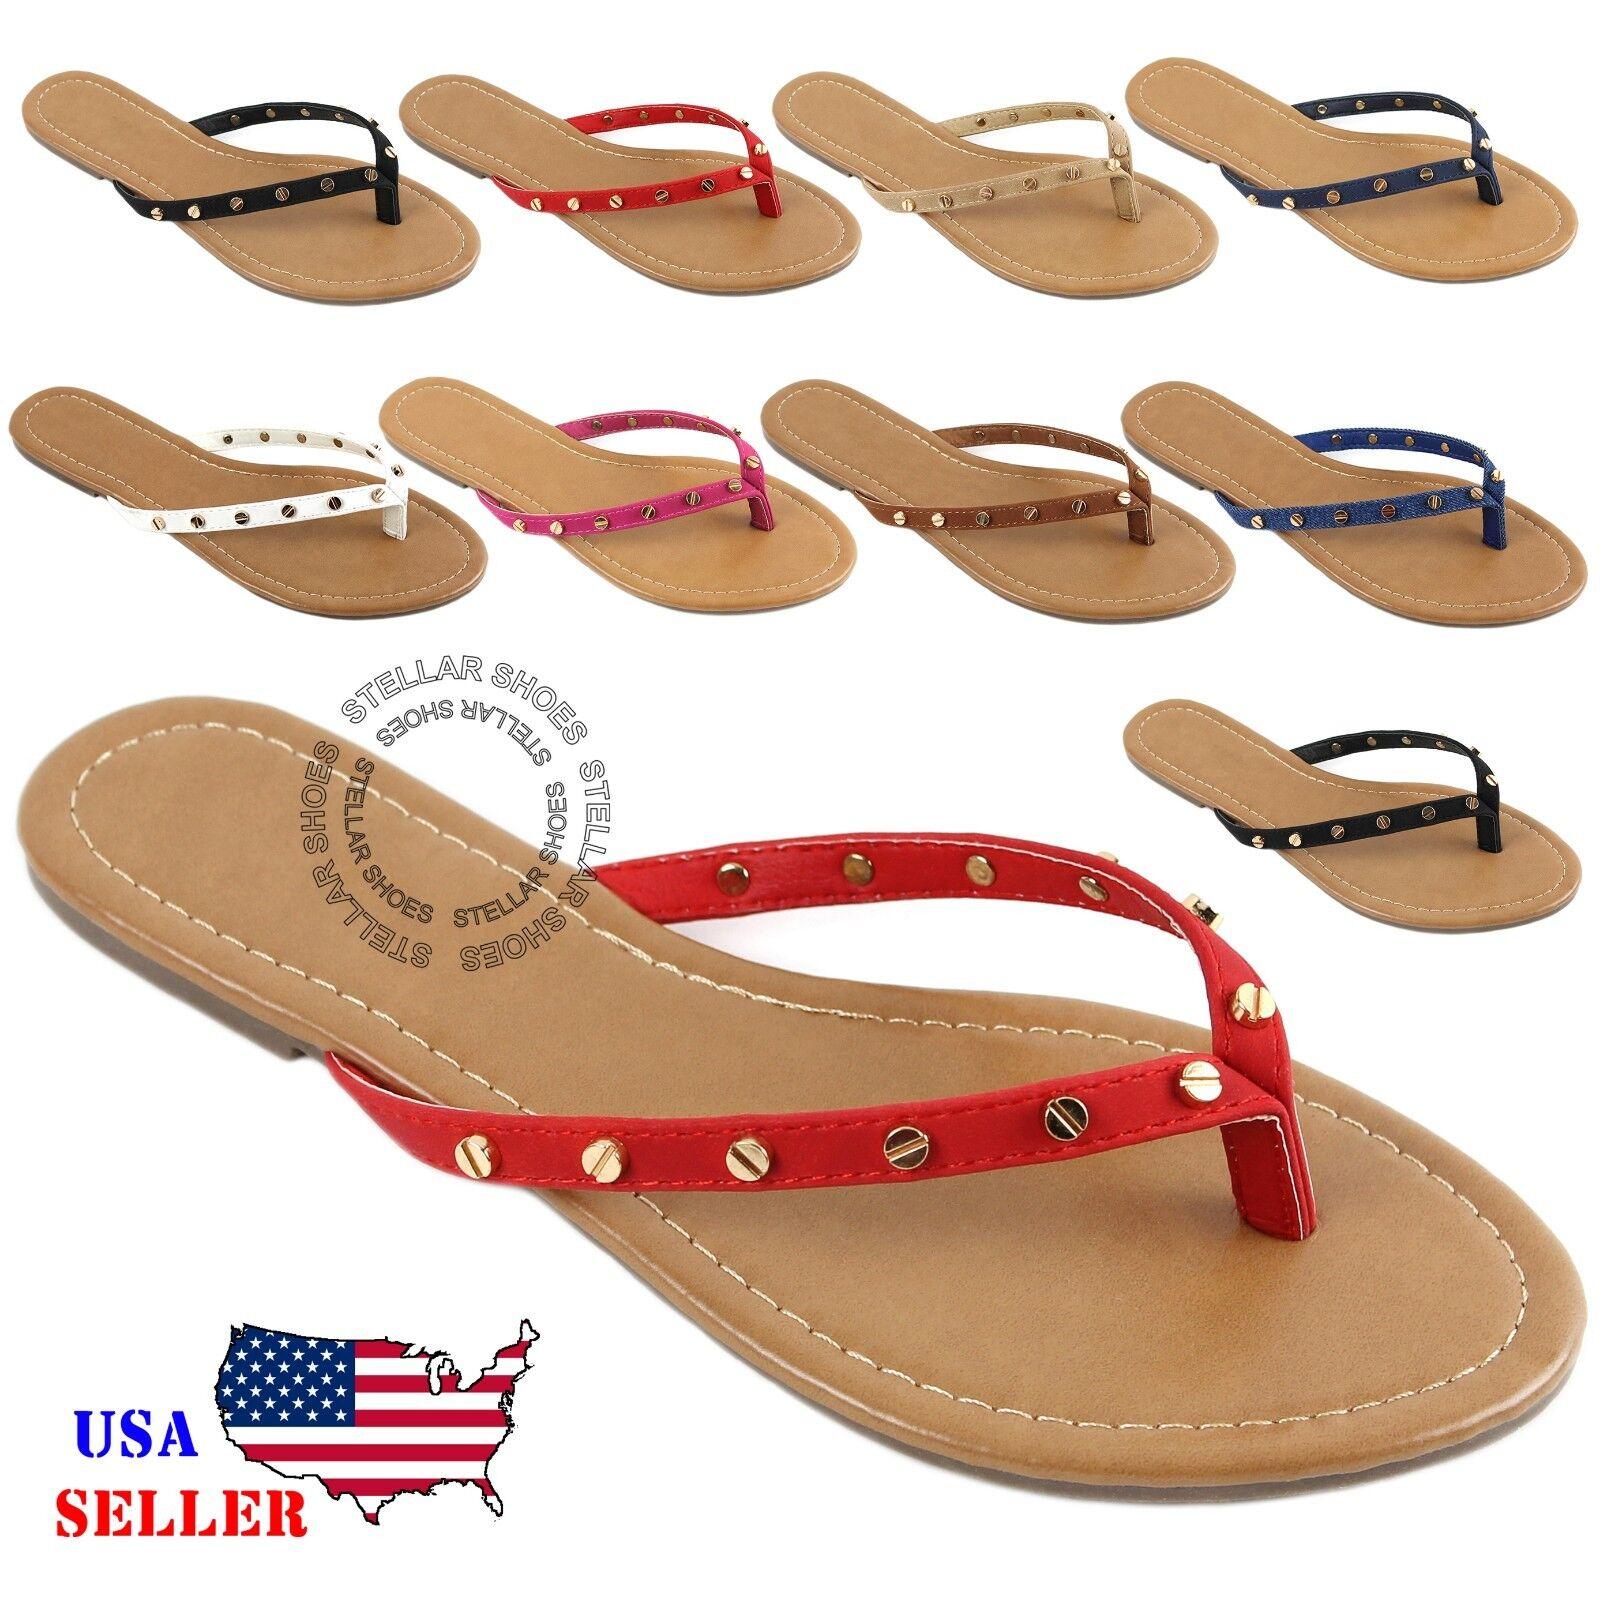 b4012cea49ca9f NEW Womens Summer Cute Gold Plated Cartier Stud Thong Sandal Slipper Flip  Flops 아이템 넘버  122531944822.